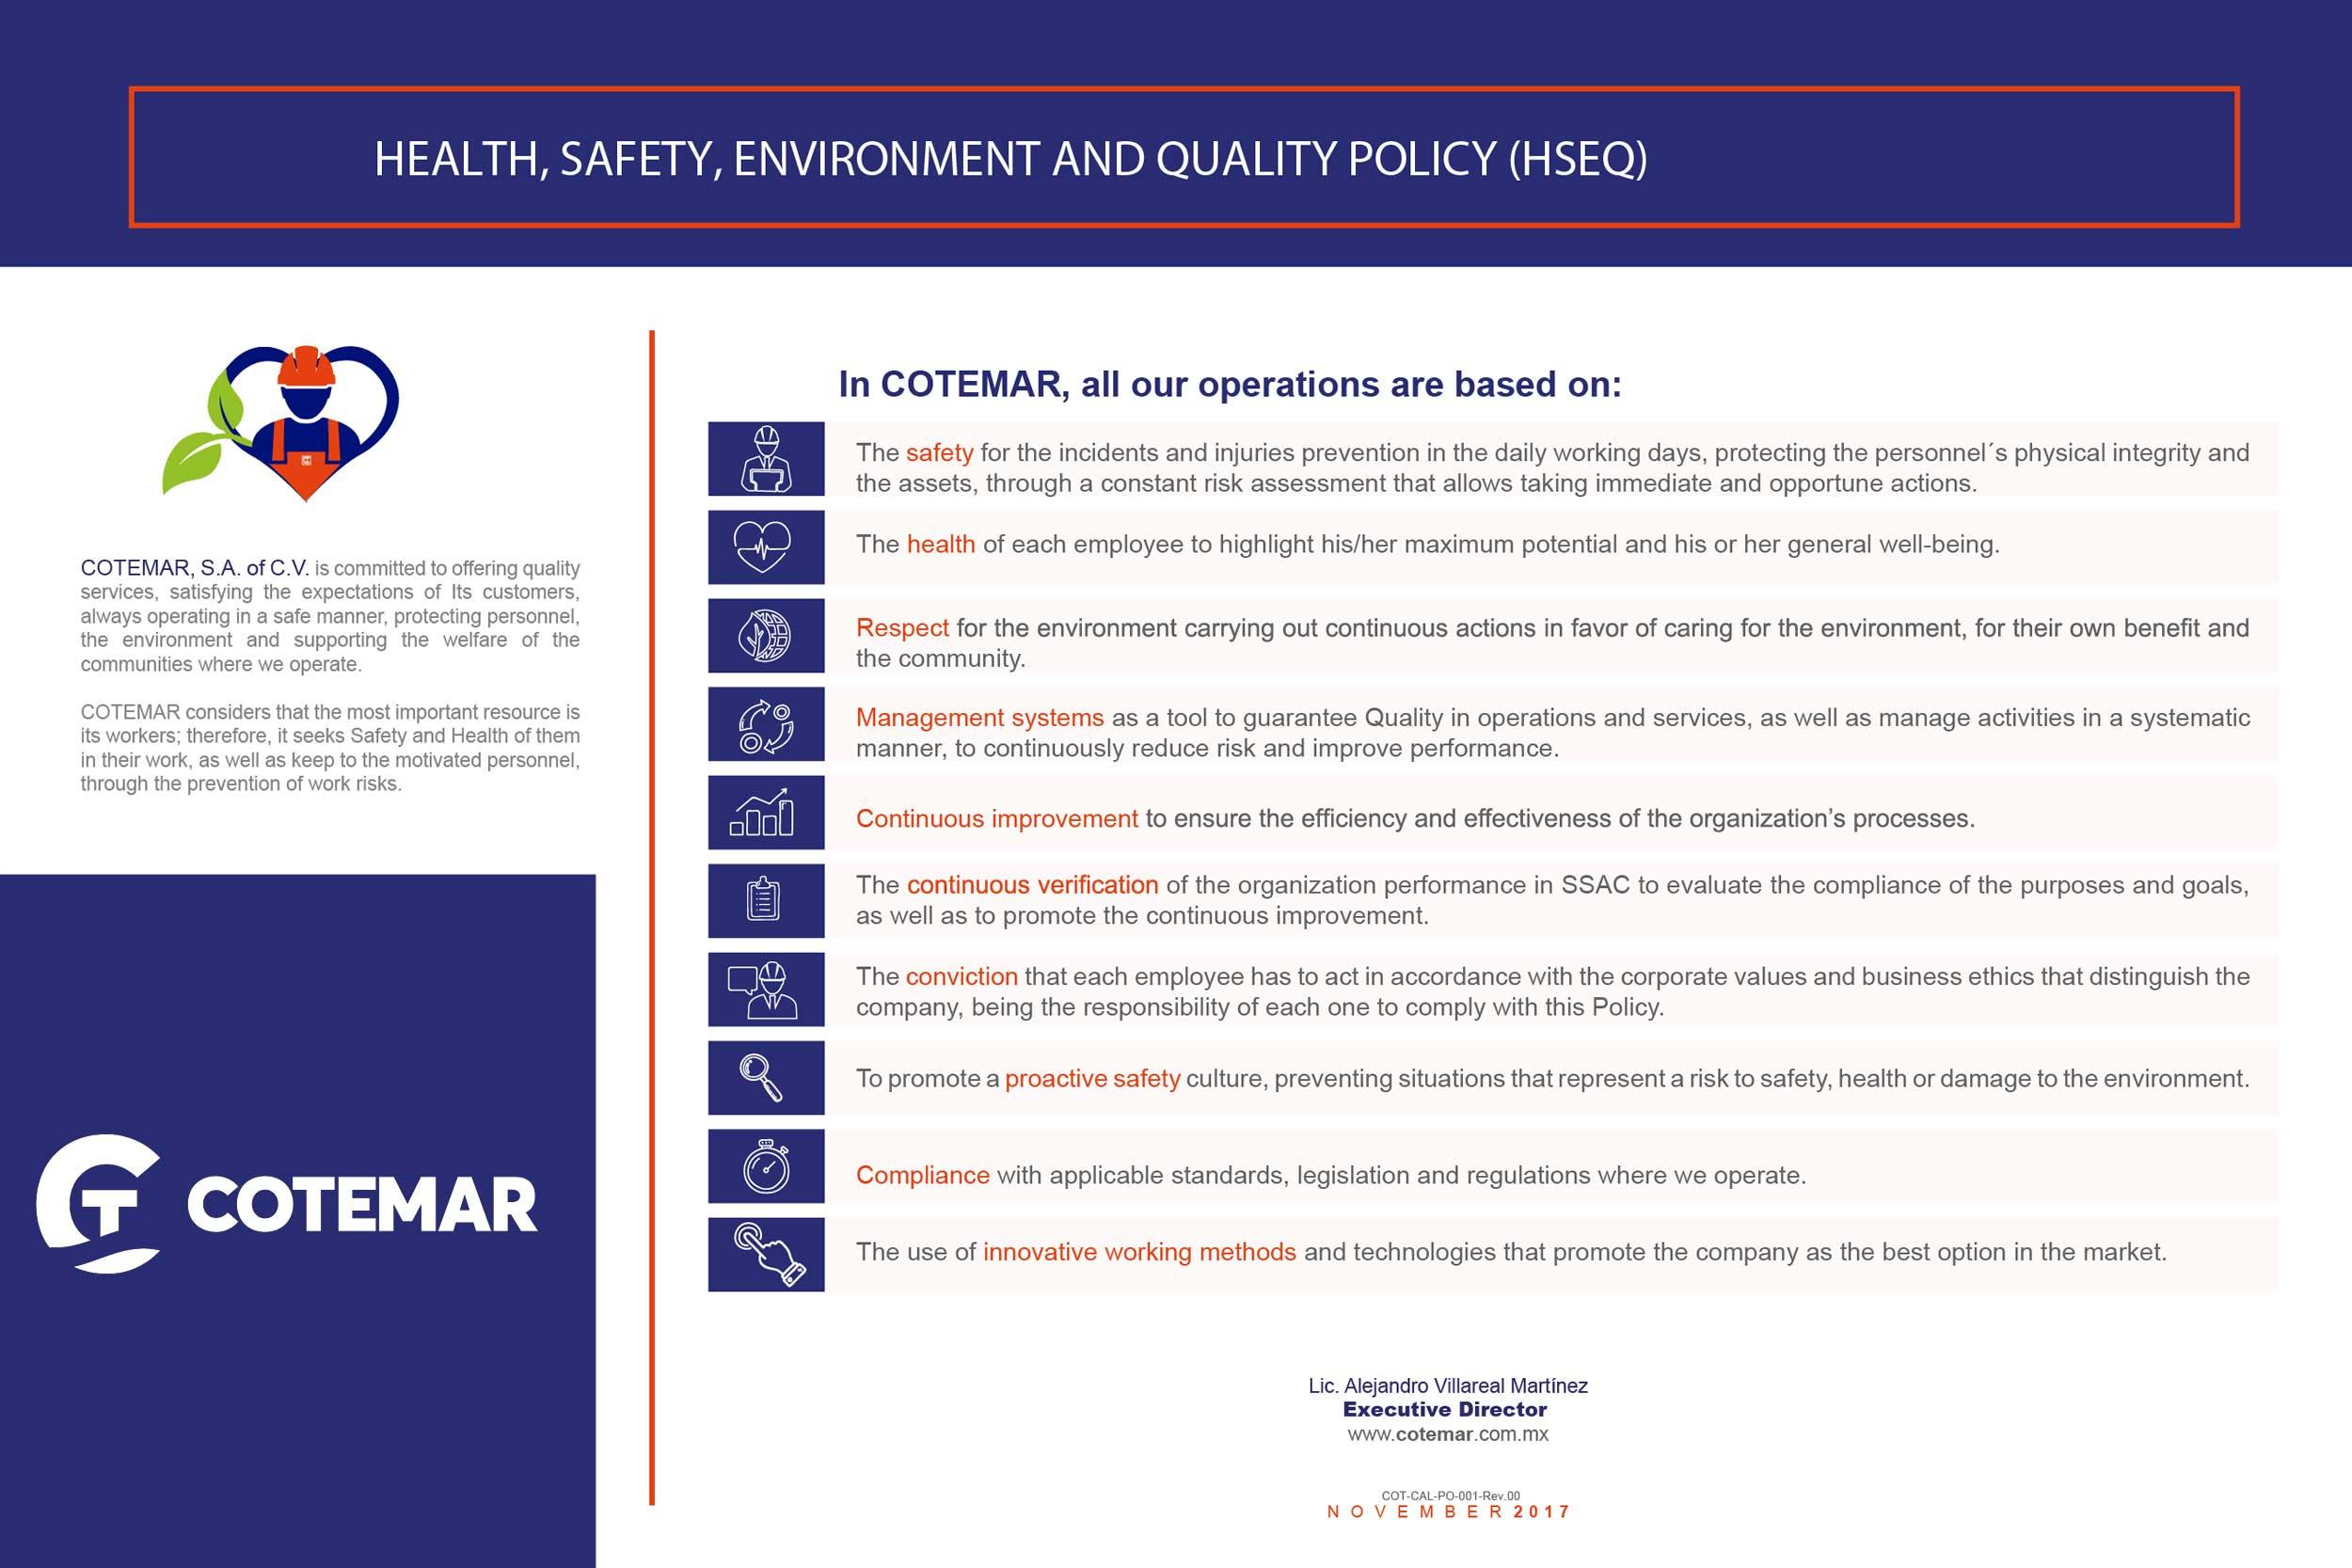 Política de Seguridad, Salud y Protección Ambiental